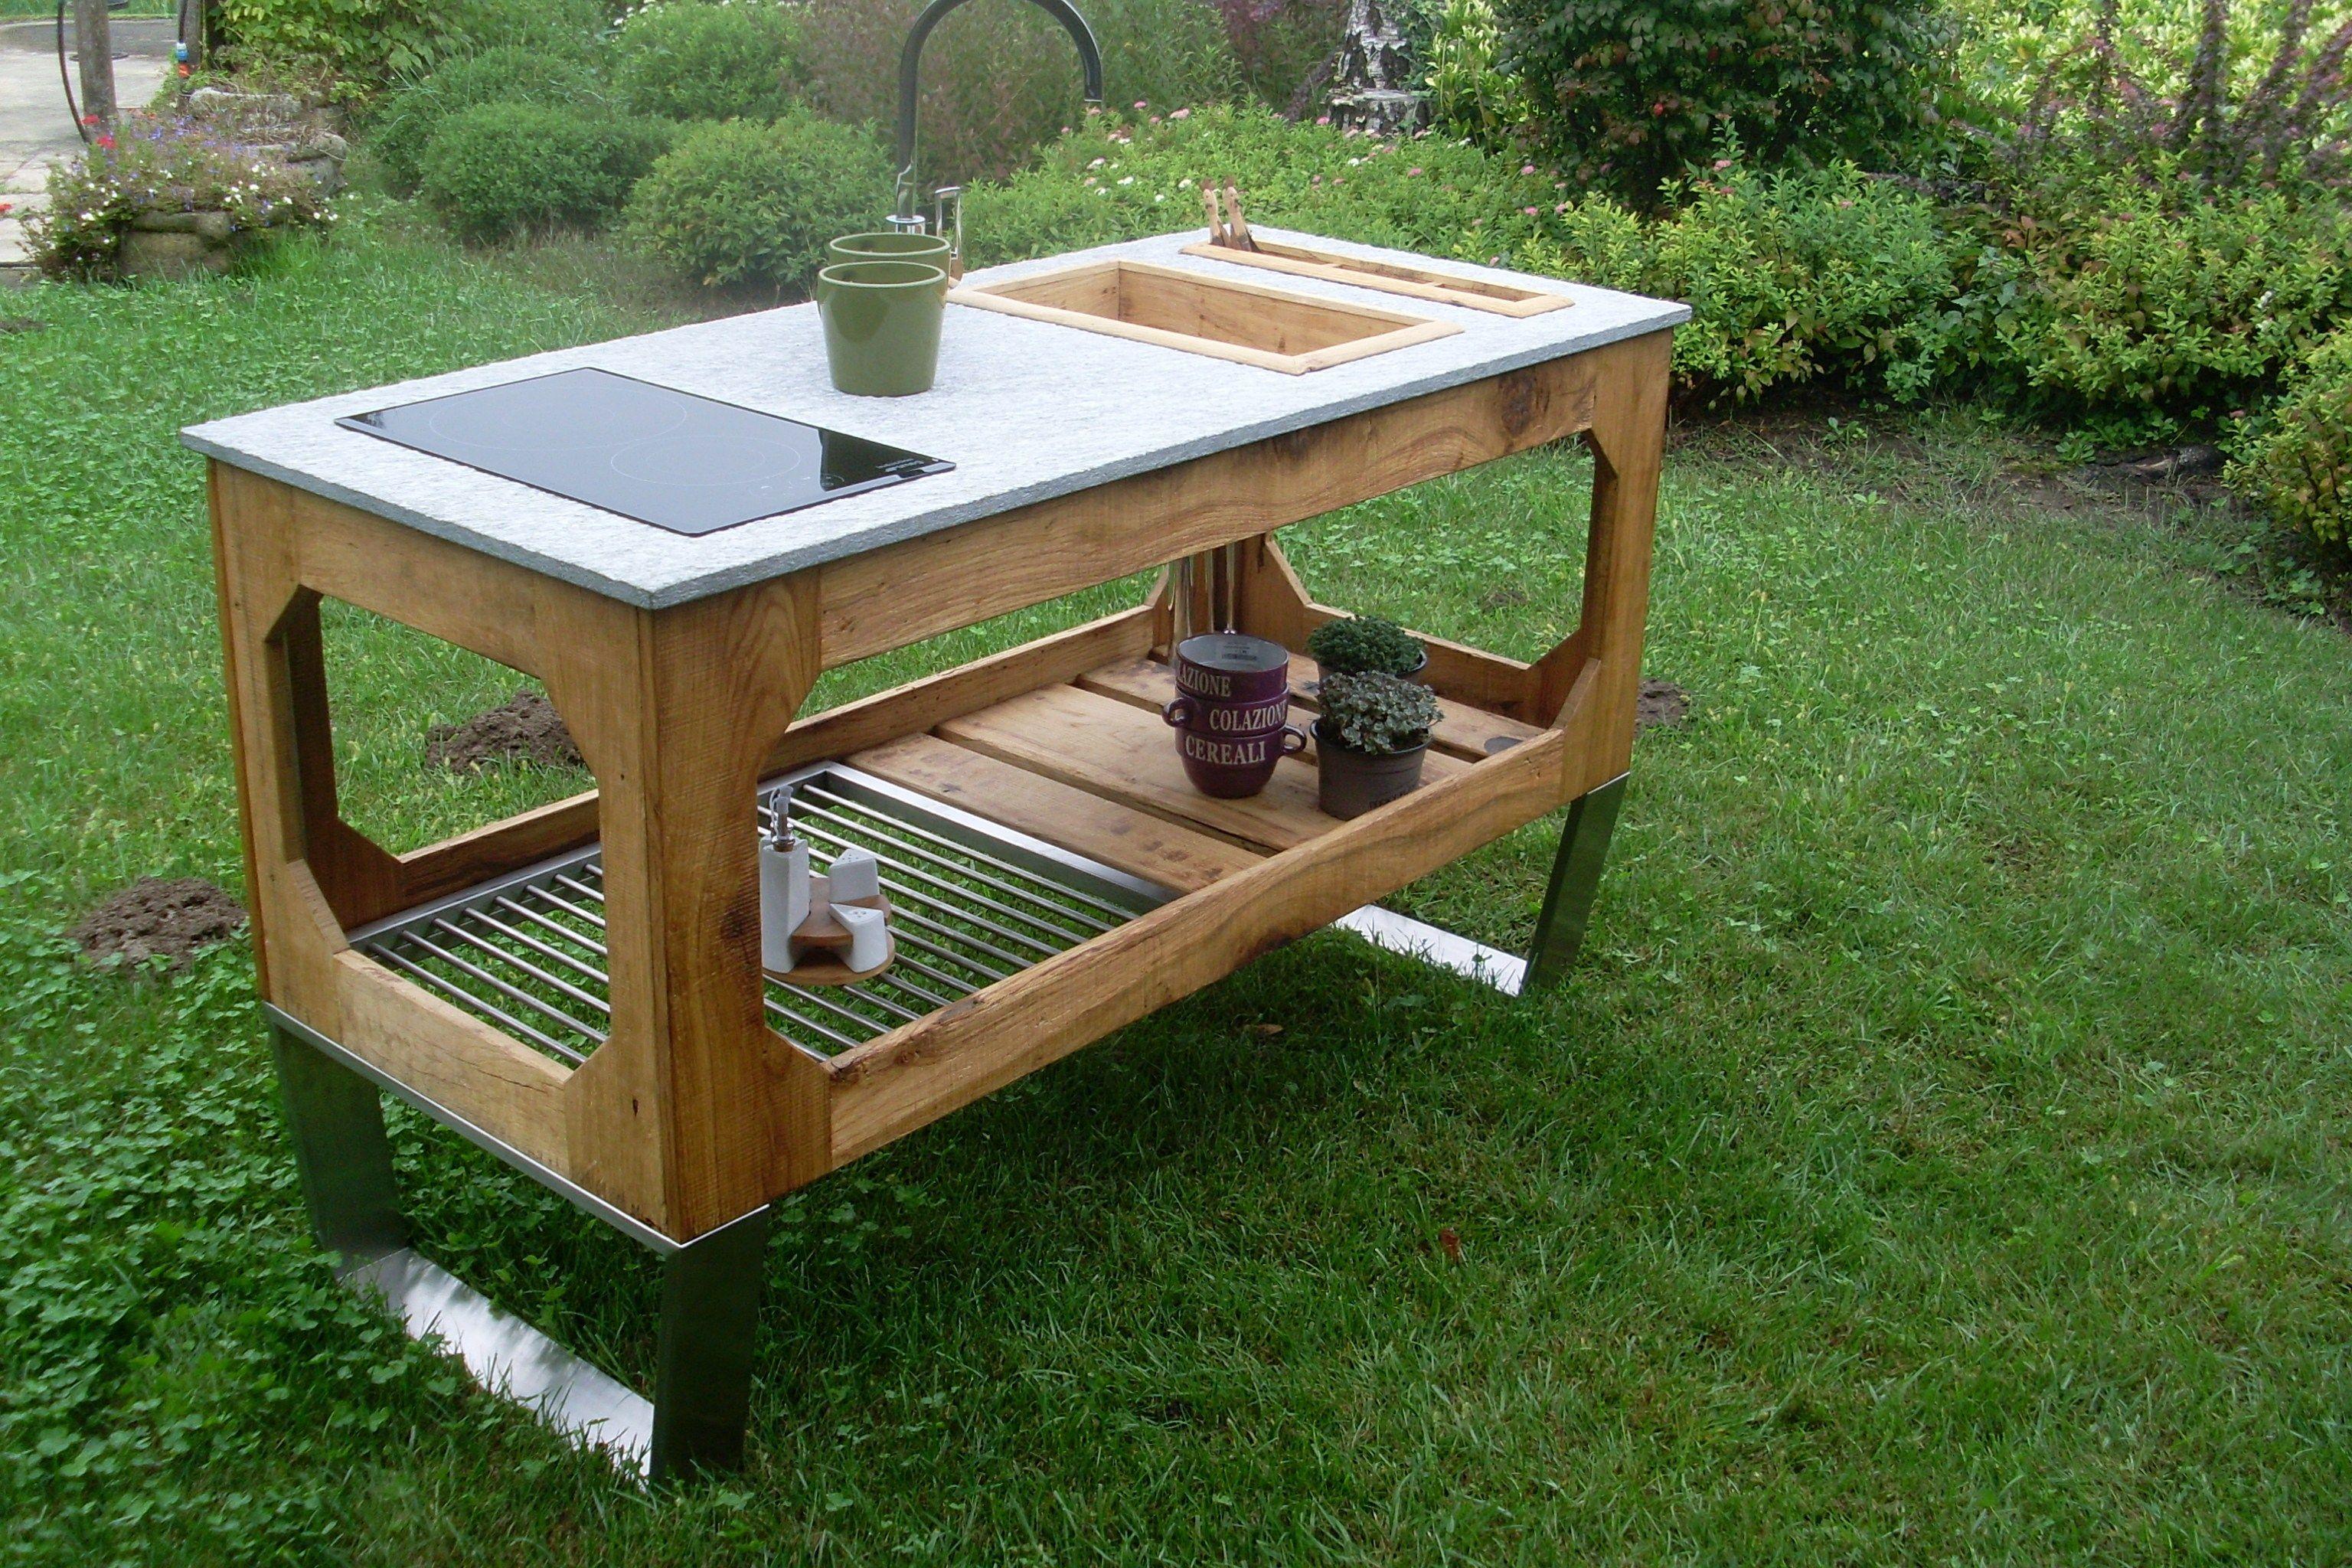 Garten Elektro- Outdoorküche WINDOW By Lgtek Outdoor